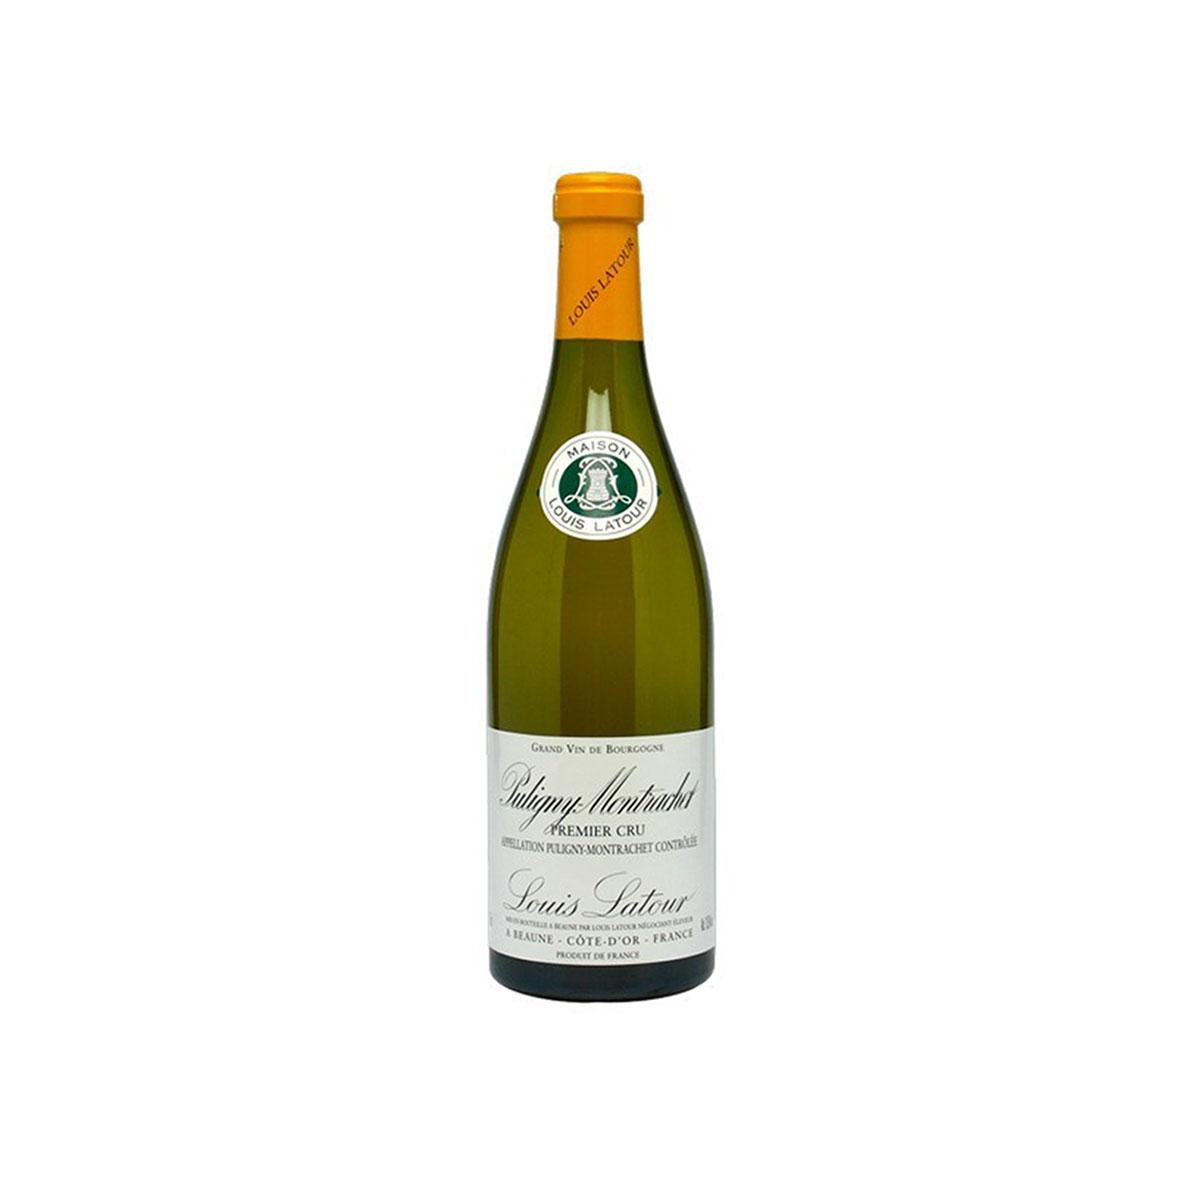 Puligny-Montrachet premier cru de Louis Latour 2016